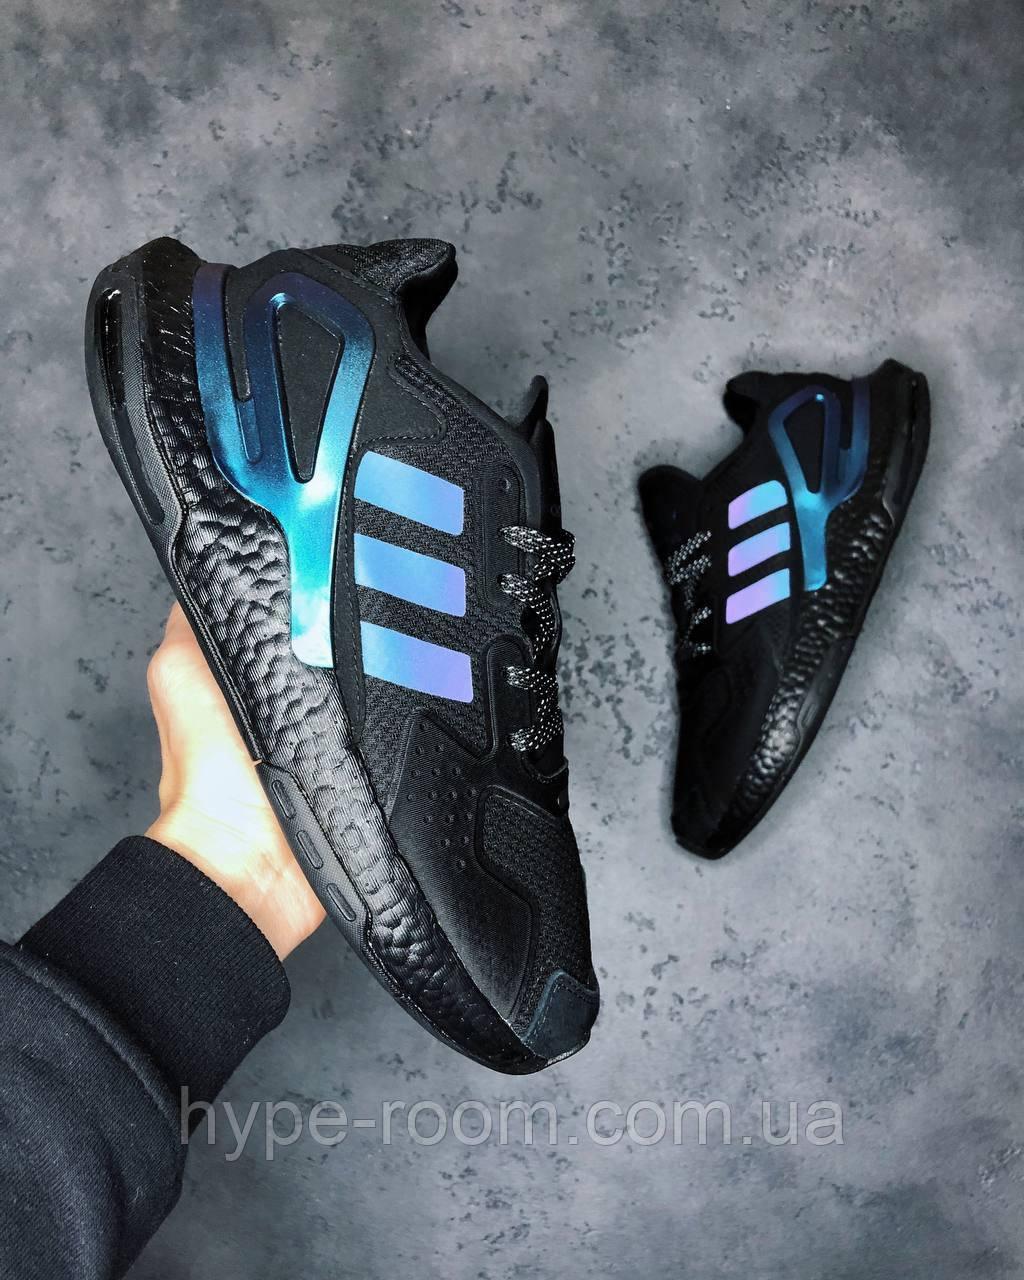 Мужские Кроссовки Adidas EQT Black Hameleon адидас эквипмент